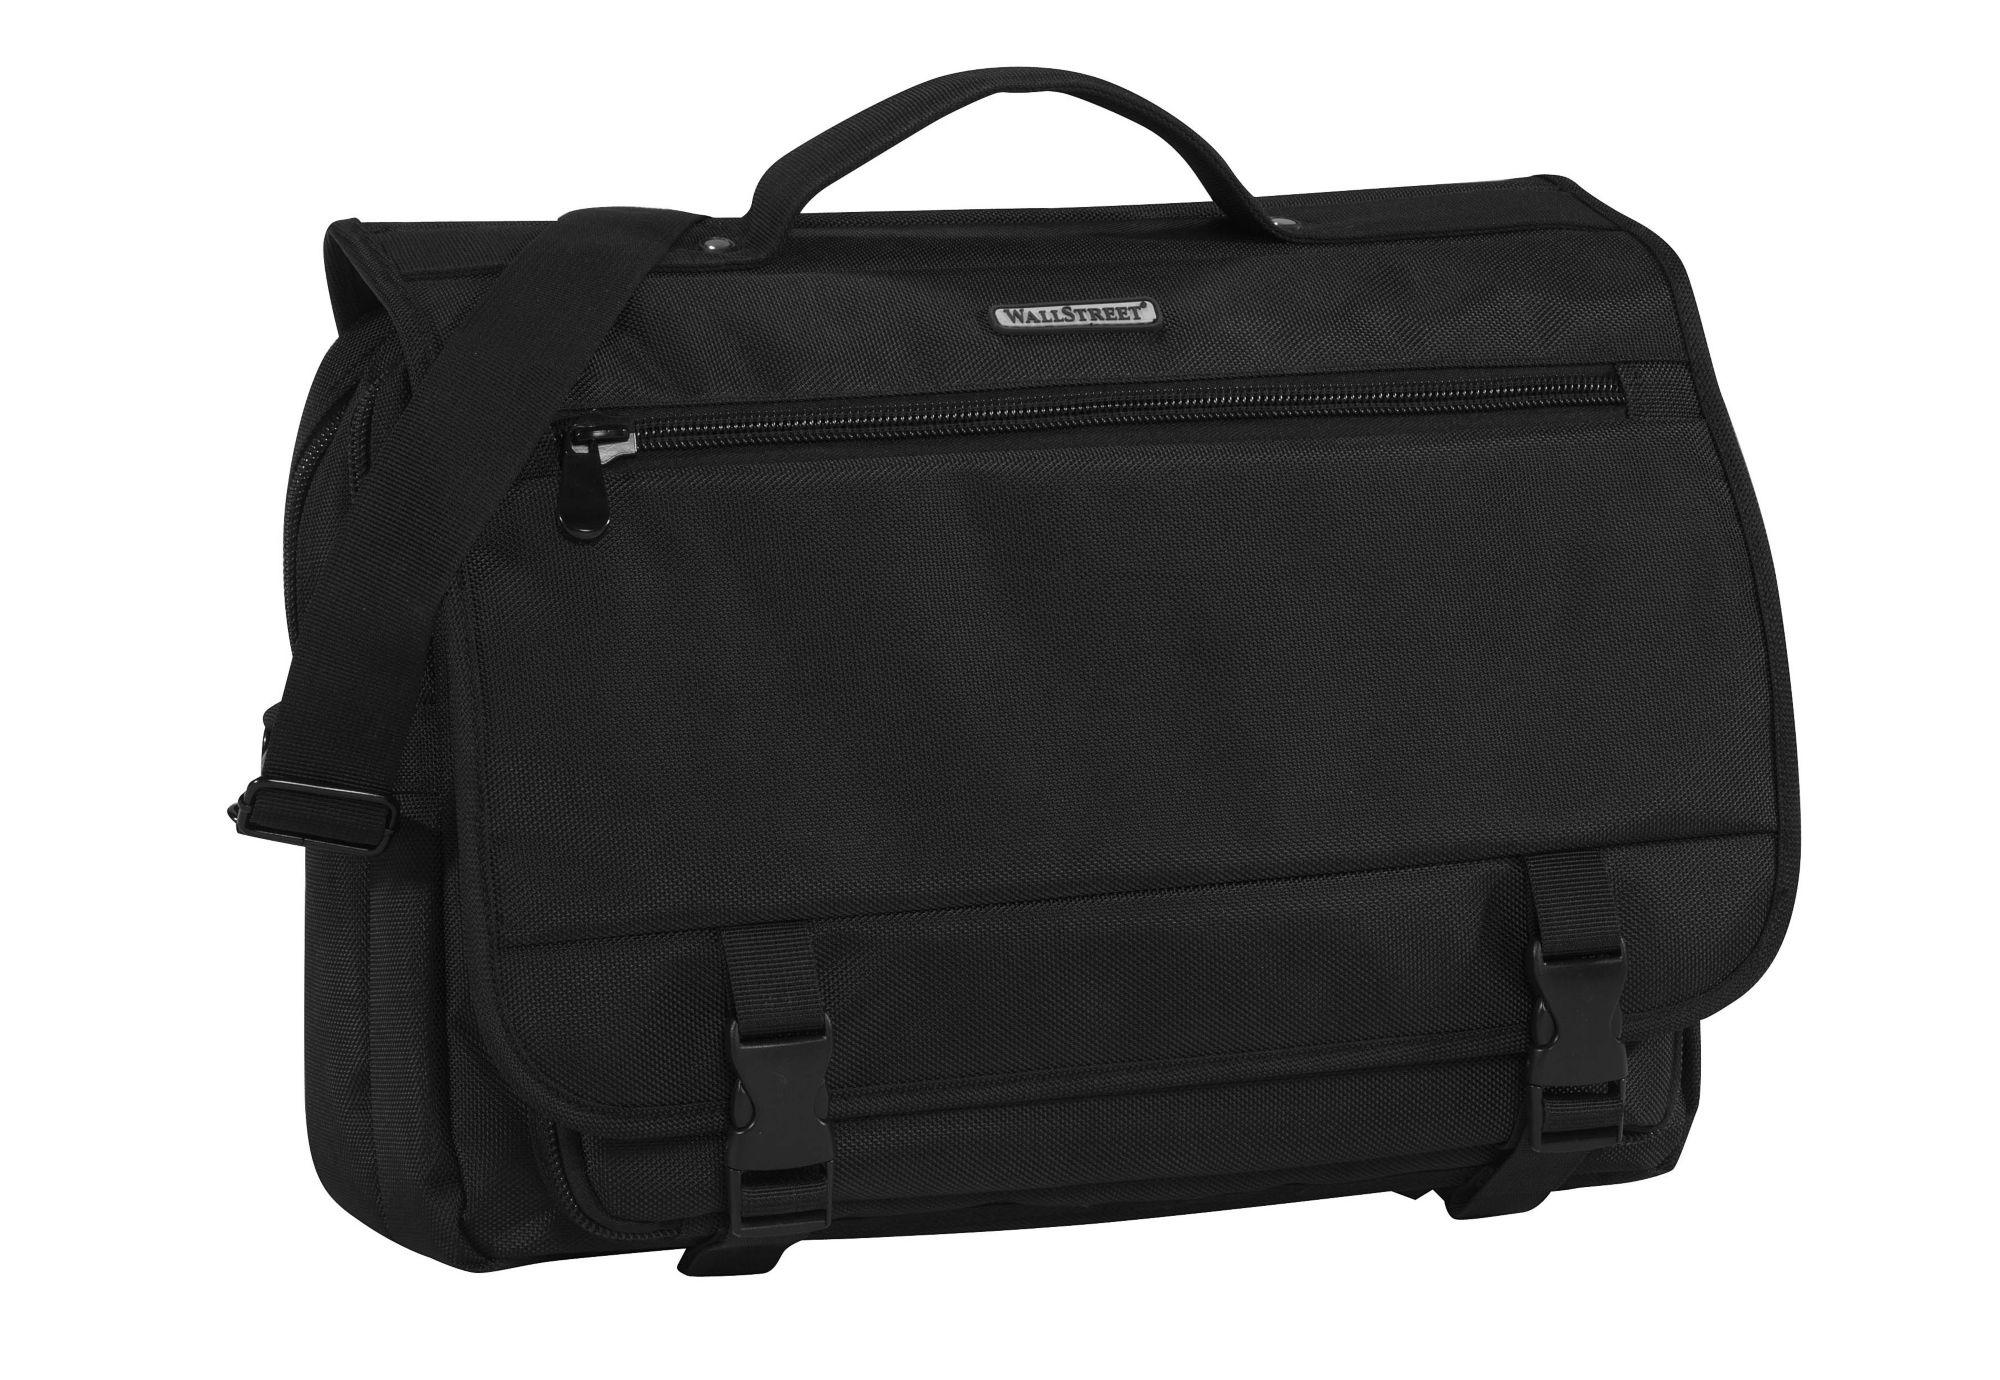 Businessaktentasche zum Umhängen mit Laptopfach, »Wallstreet Business Bag«